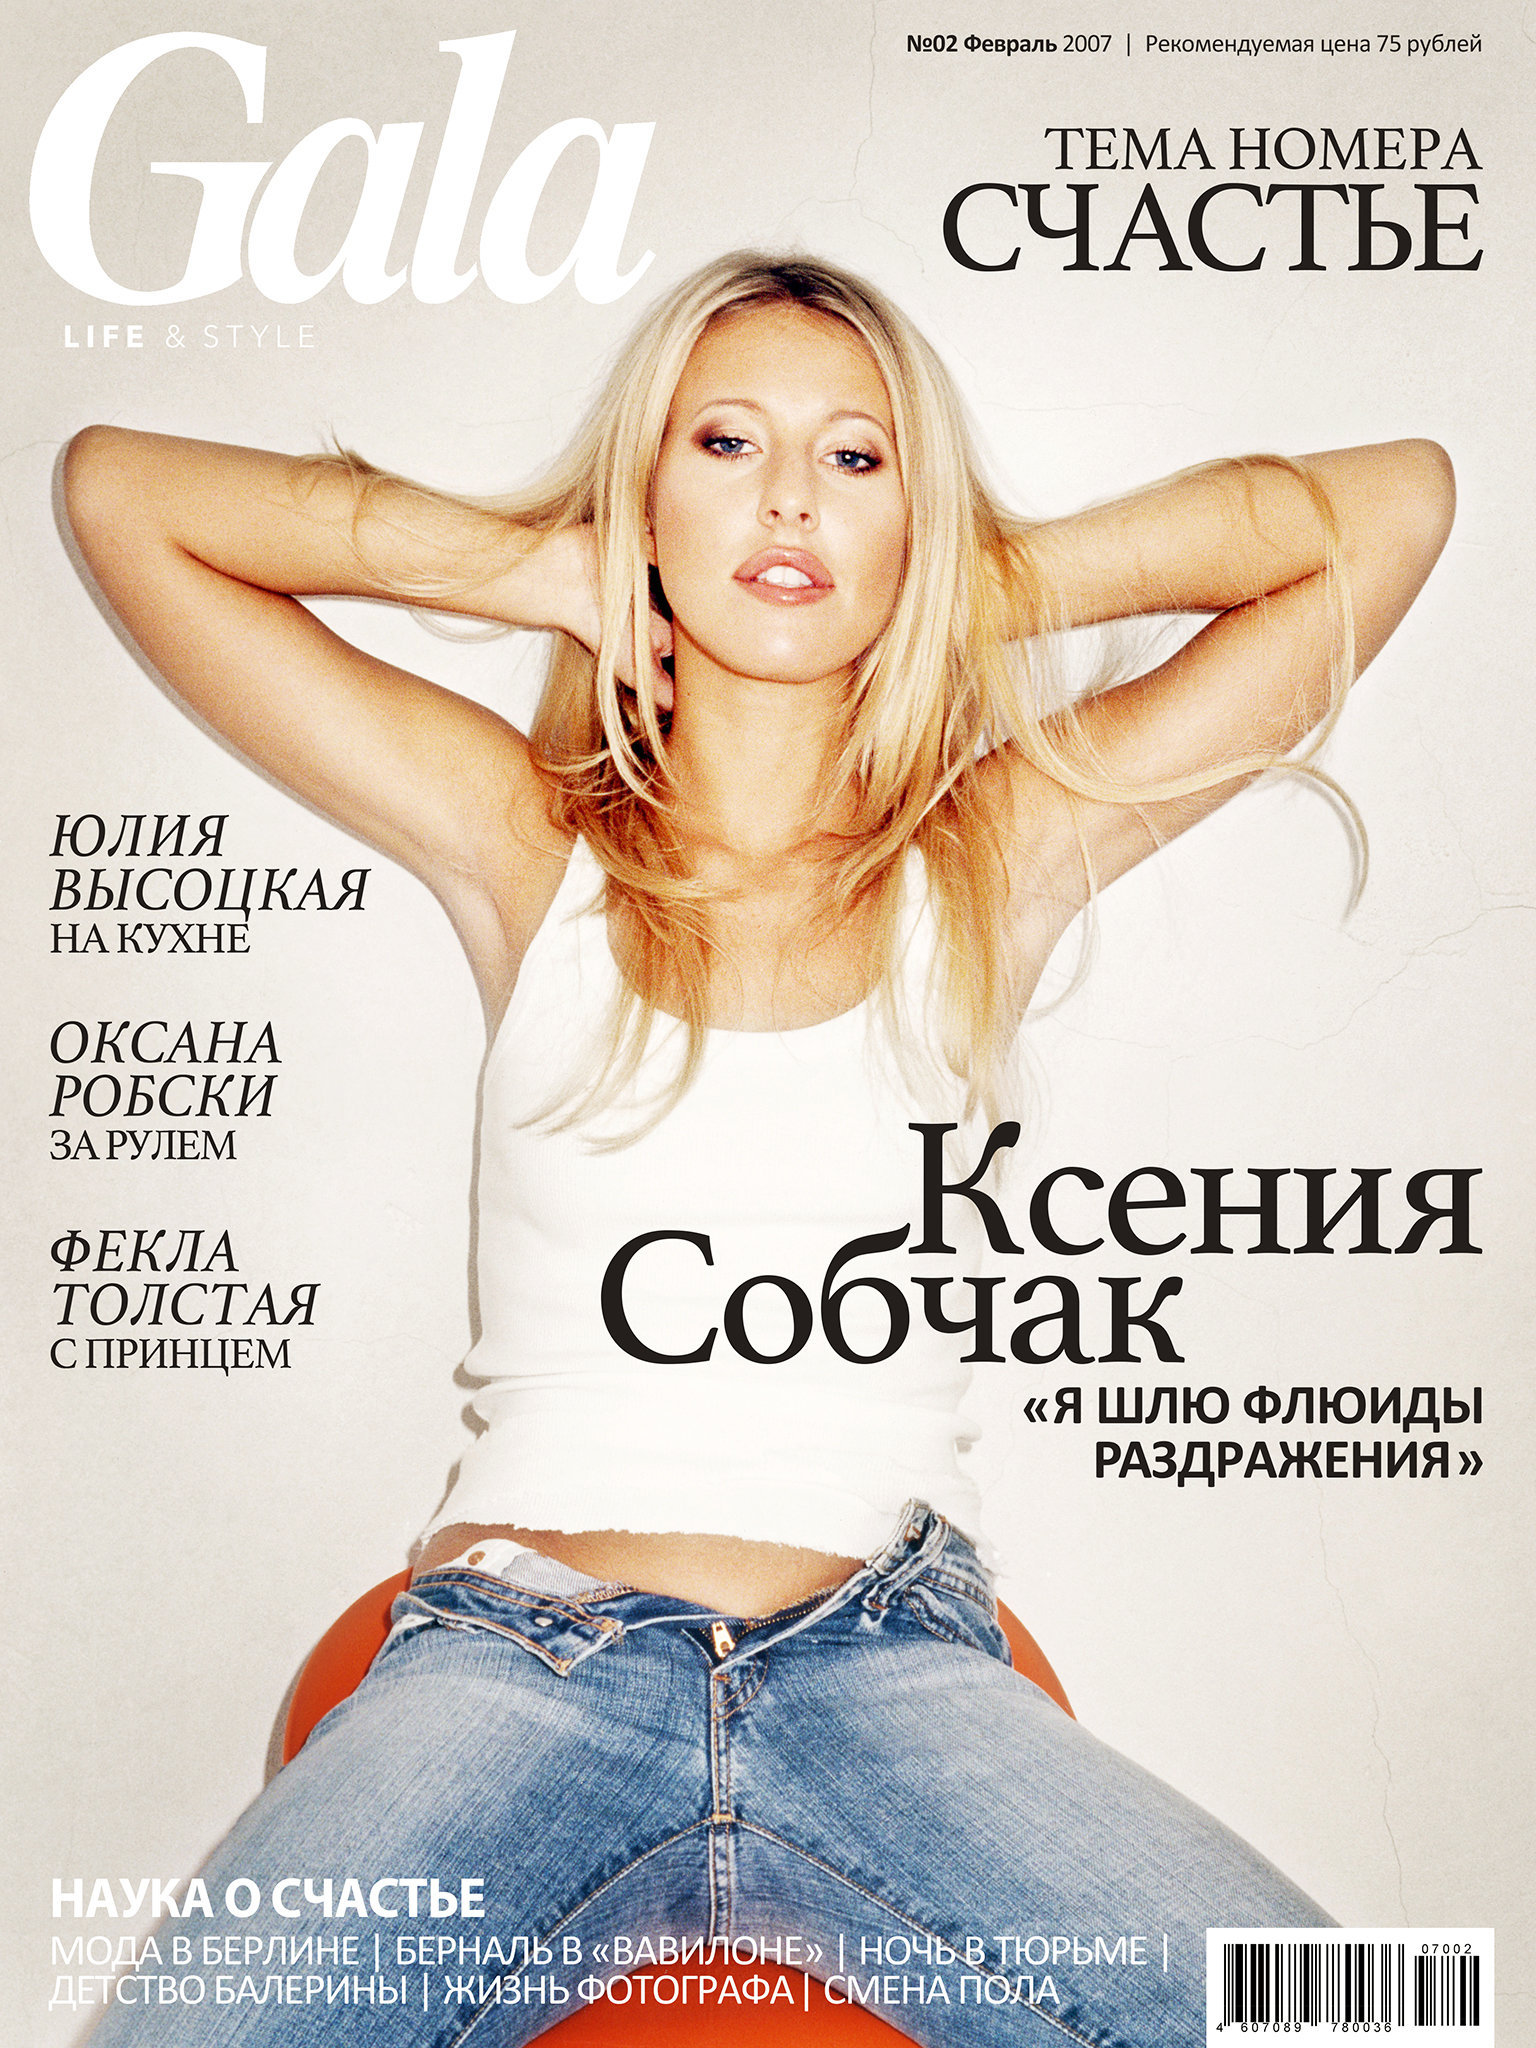 Gala Russia 2007/02